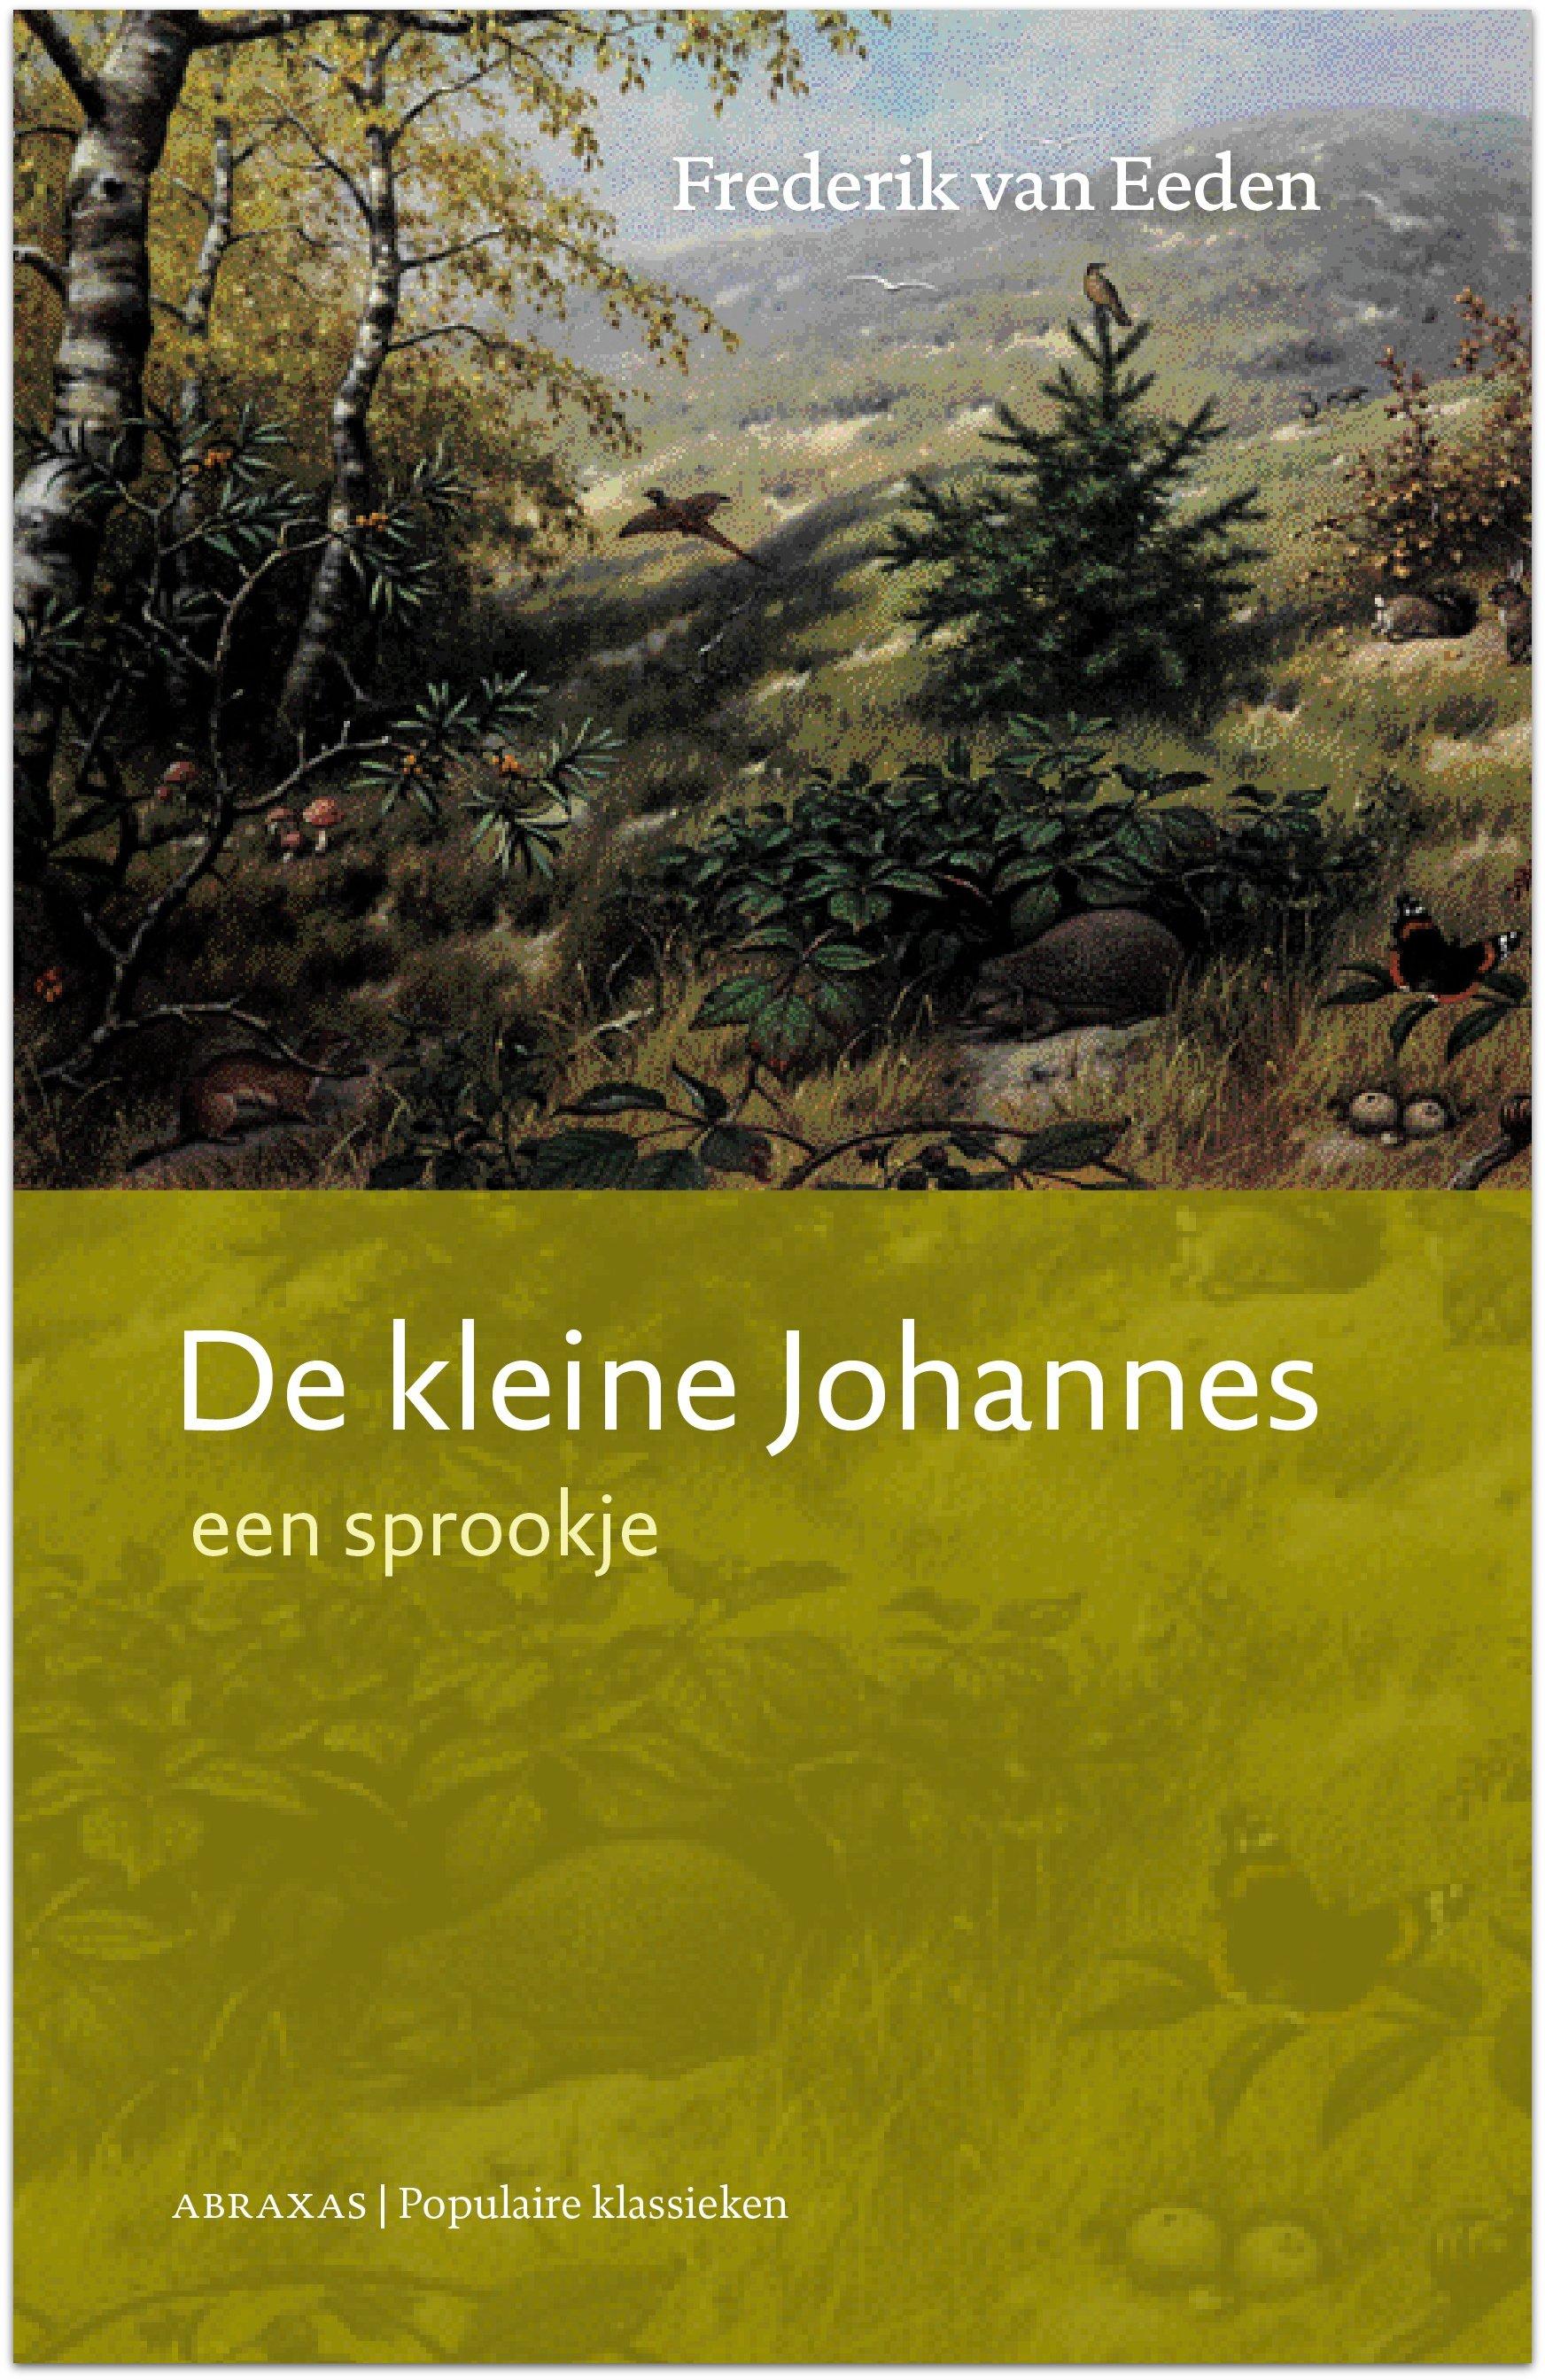 Frederik van Eeden De Kleine Johannes gratis ebook